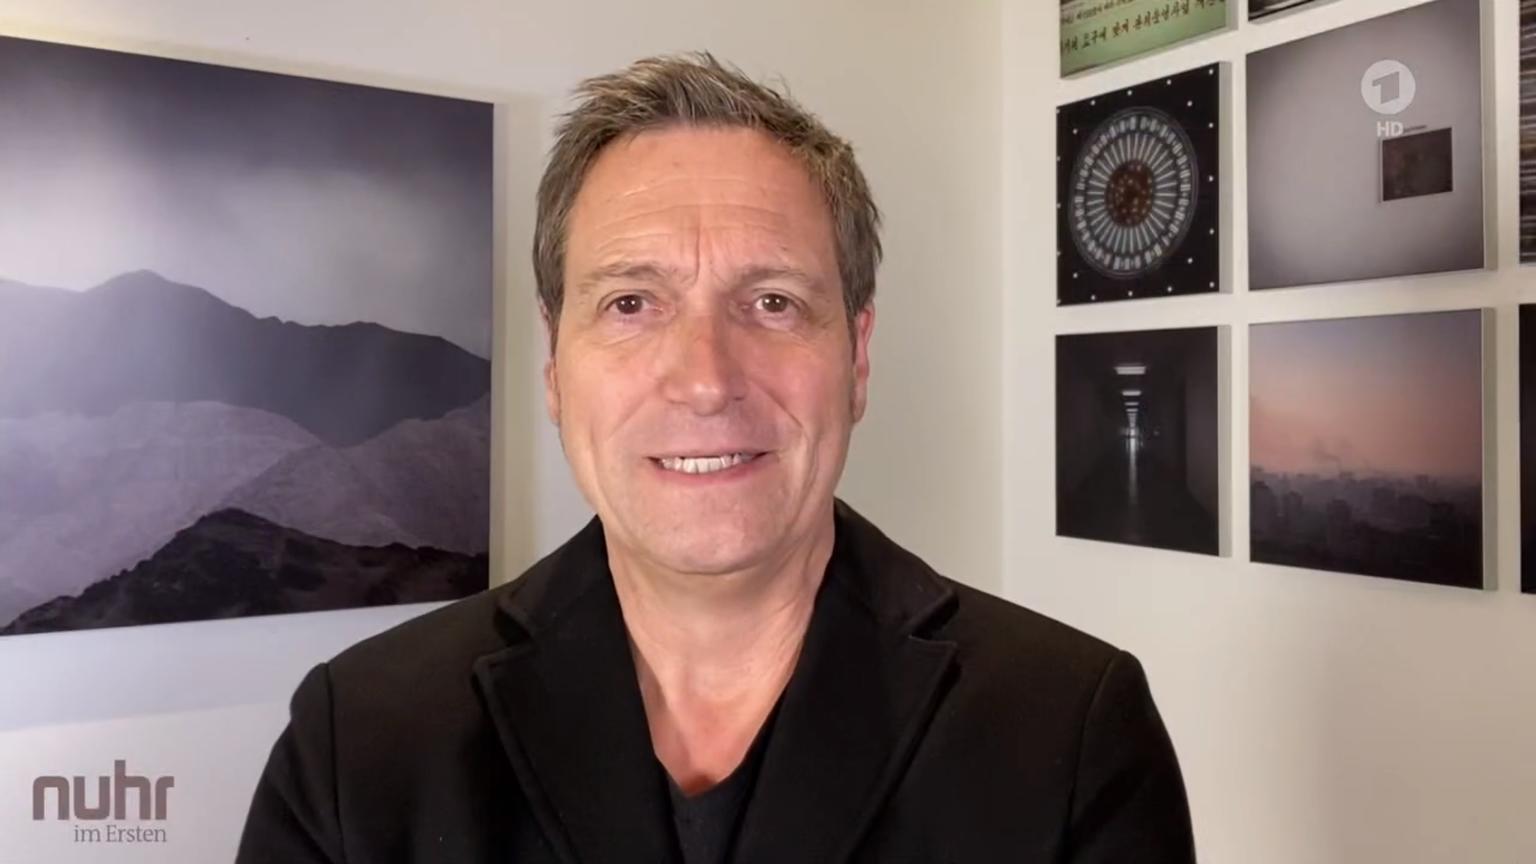 Dieter Nuhr Gesteht Corona Irrtum Im Tv Habe Das Falsch Eingeschatzt Watson